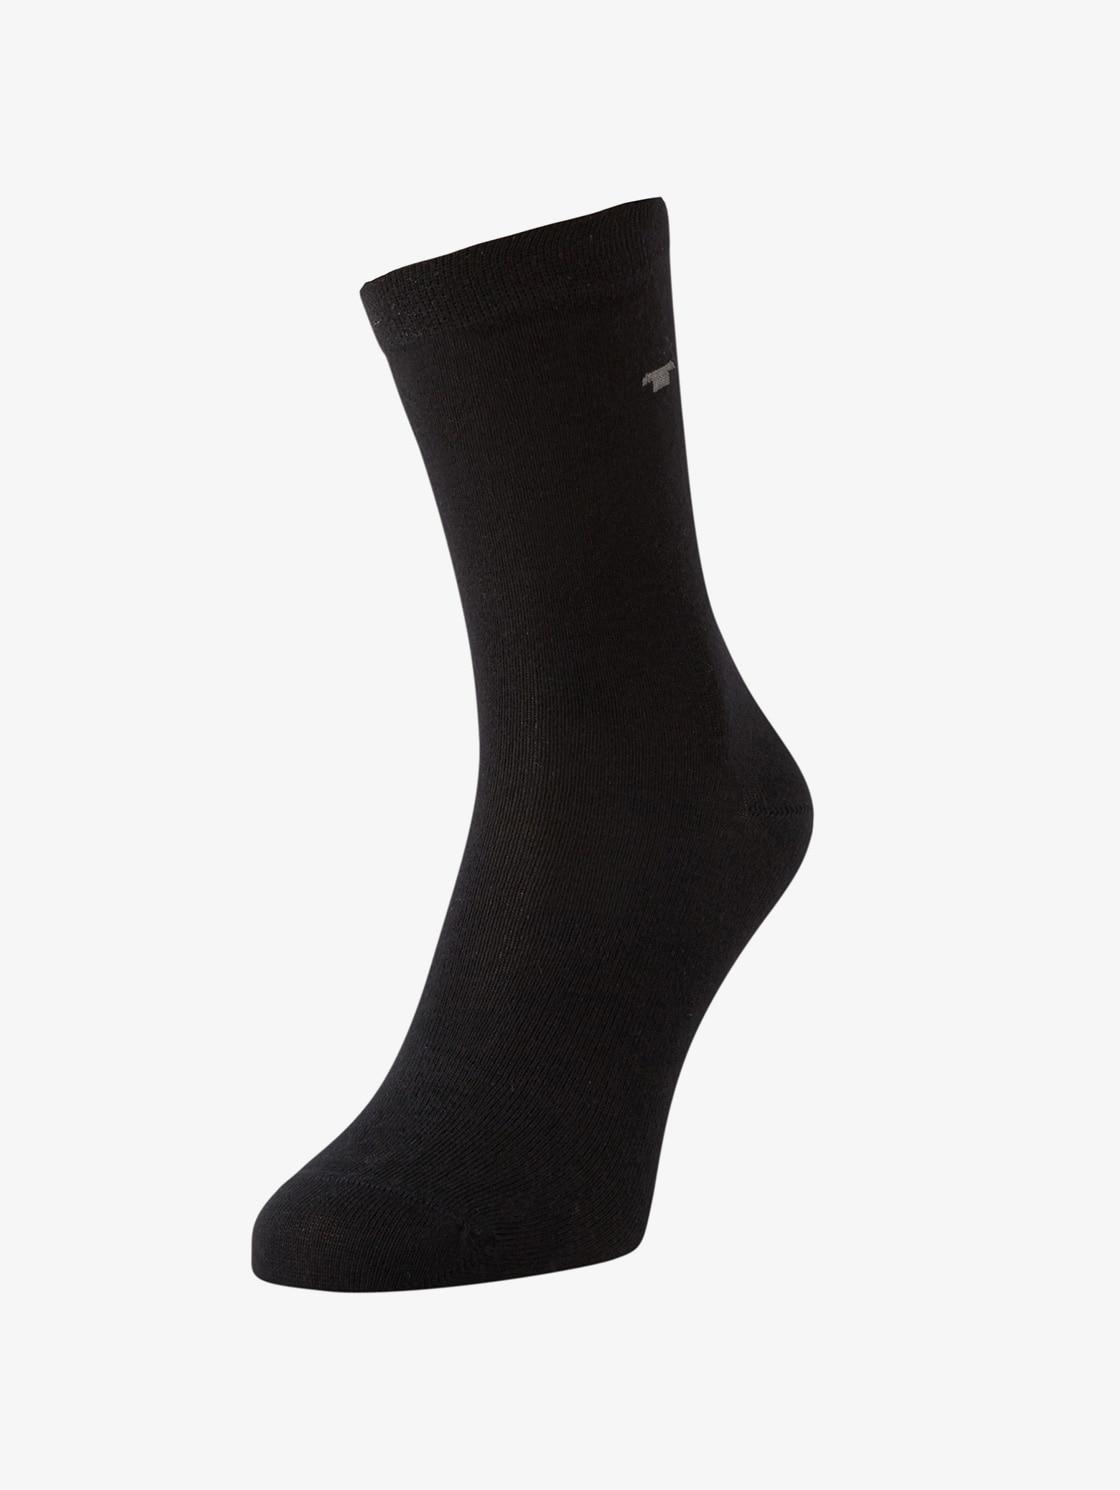 Tom Tailor Casual Socken im Dreierpack, Unisex, black, Größe: 23 26